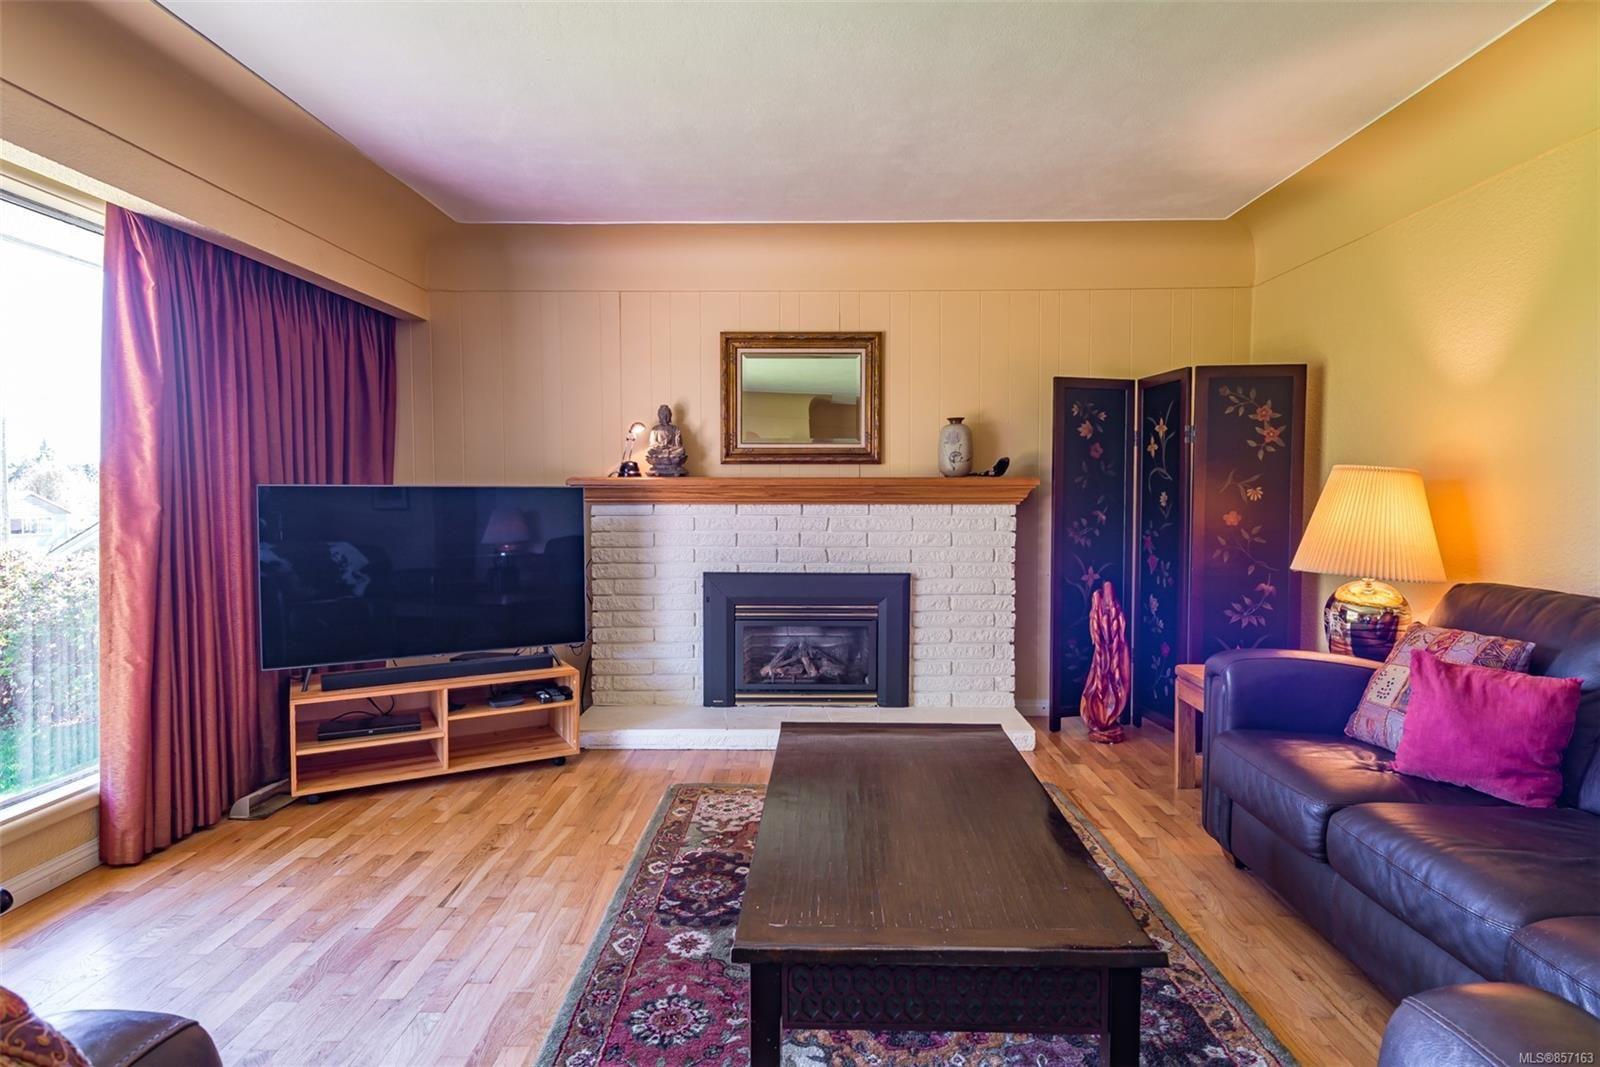 Photo 10: Photos: 4241 Buddington Rd in : CV Courtenay South House for sale (Comox Valley)  : MLS®# 857163